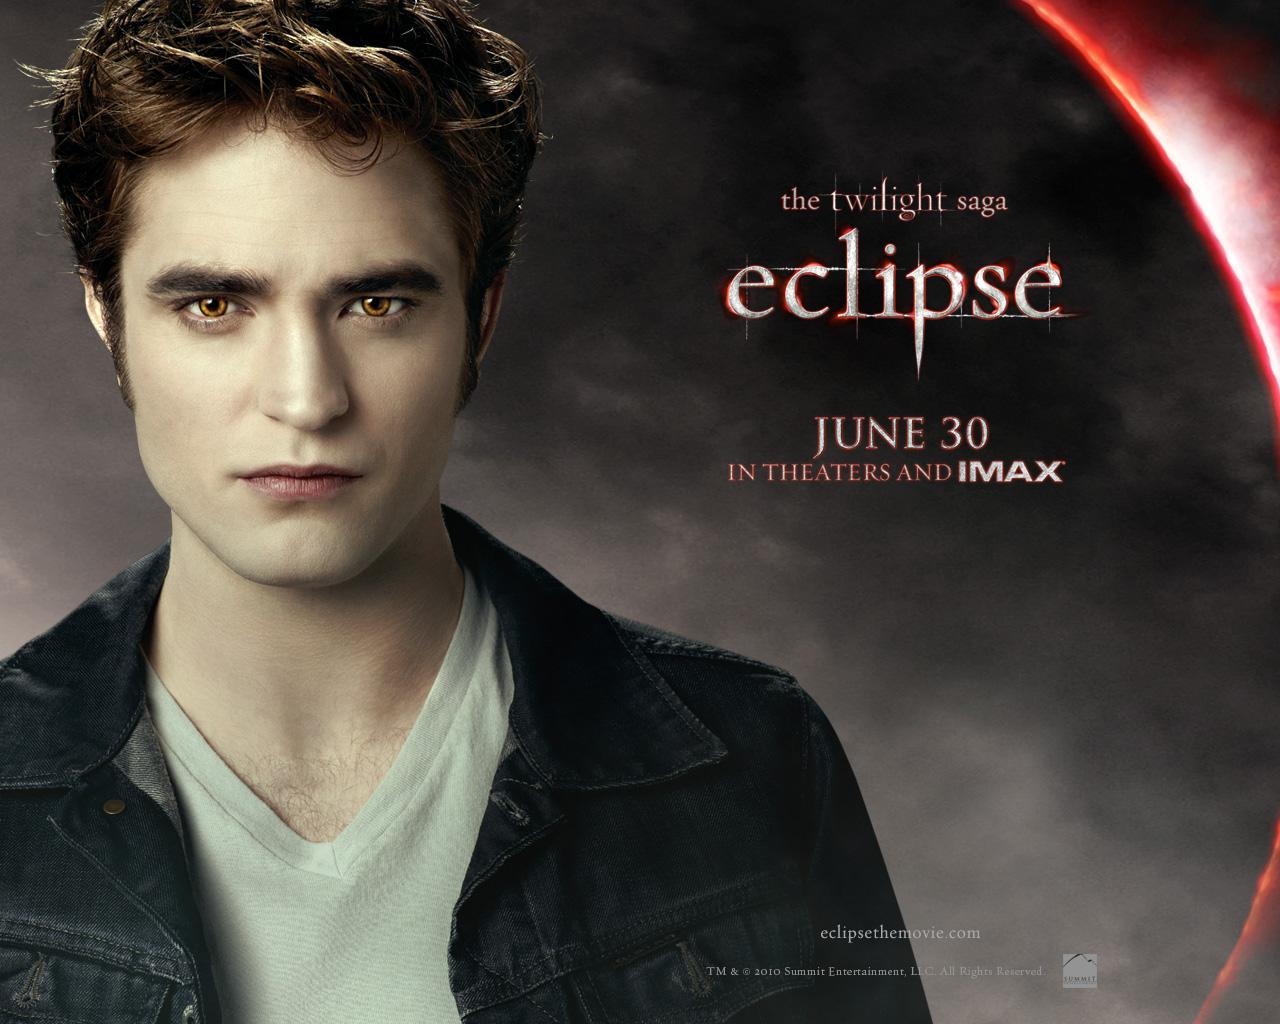 http://4.bp.blogspot.com/-fvHX_VhZe8o/UQFgMJyKVzI/AAAAAAAACJ4/EeqMMhfsWwc/s1600/Robert_Pattinson_in_The_Twilight_Saga+_Eclipse_Wallpaper_3_800.jpg